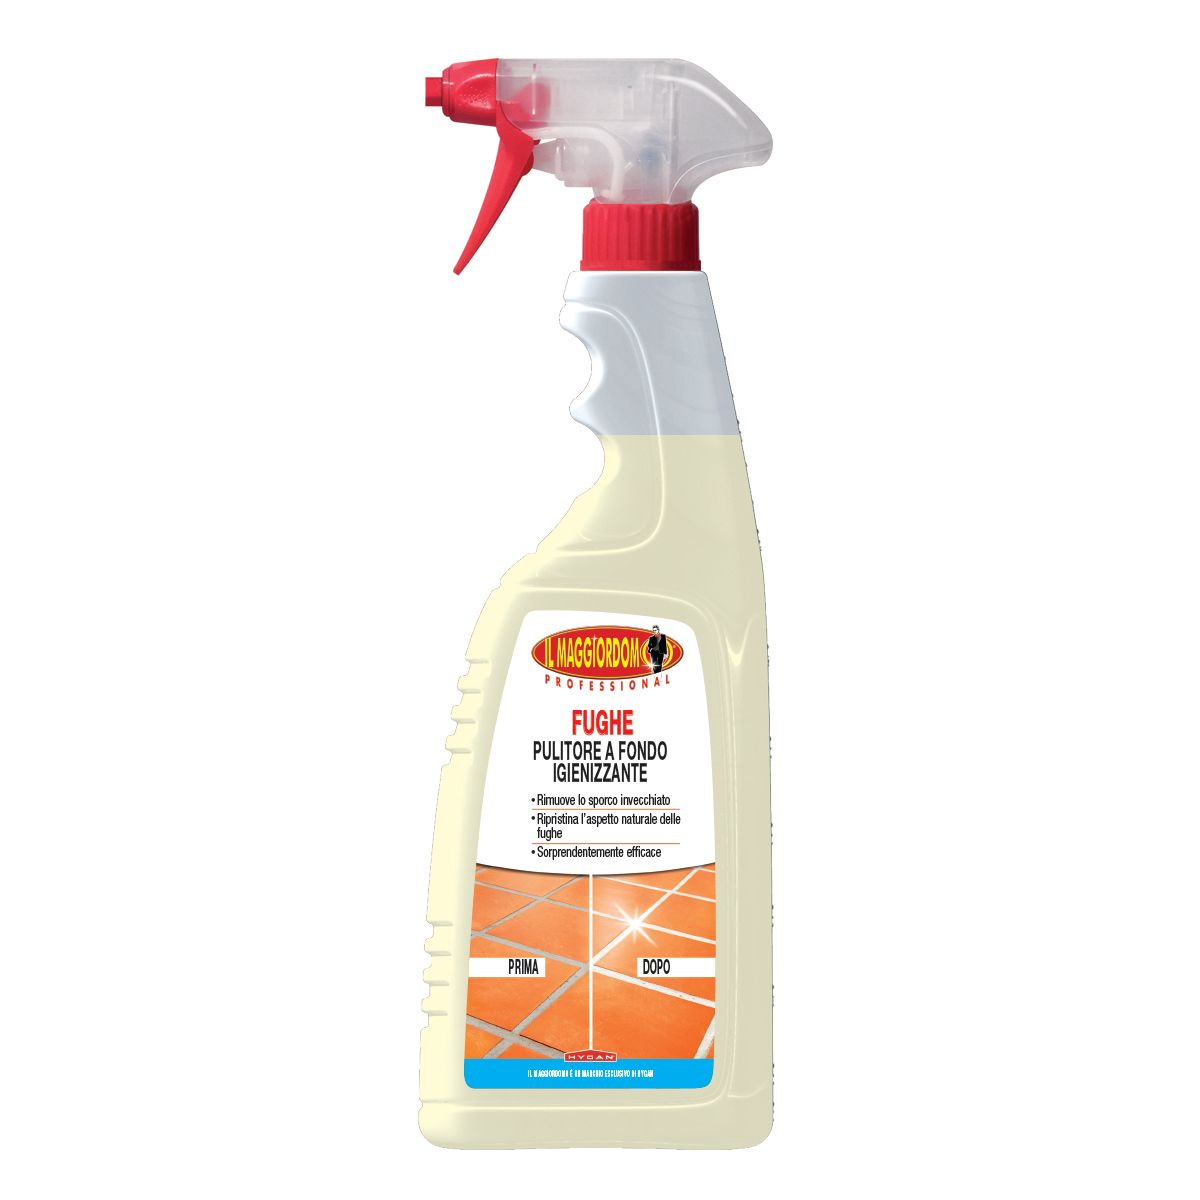 Prodotti decoupage leroy merlin simple per legno gubra for Spray sanificante per condizionatori leroy merlin